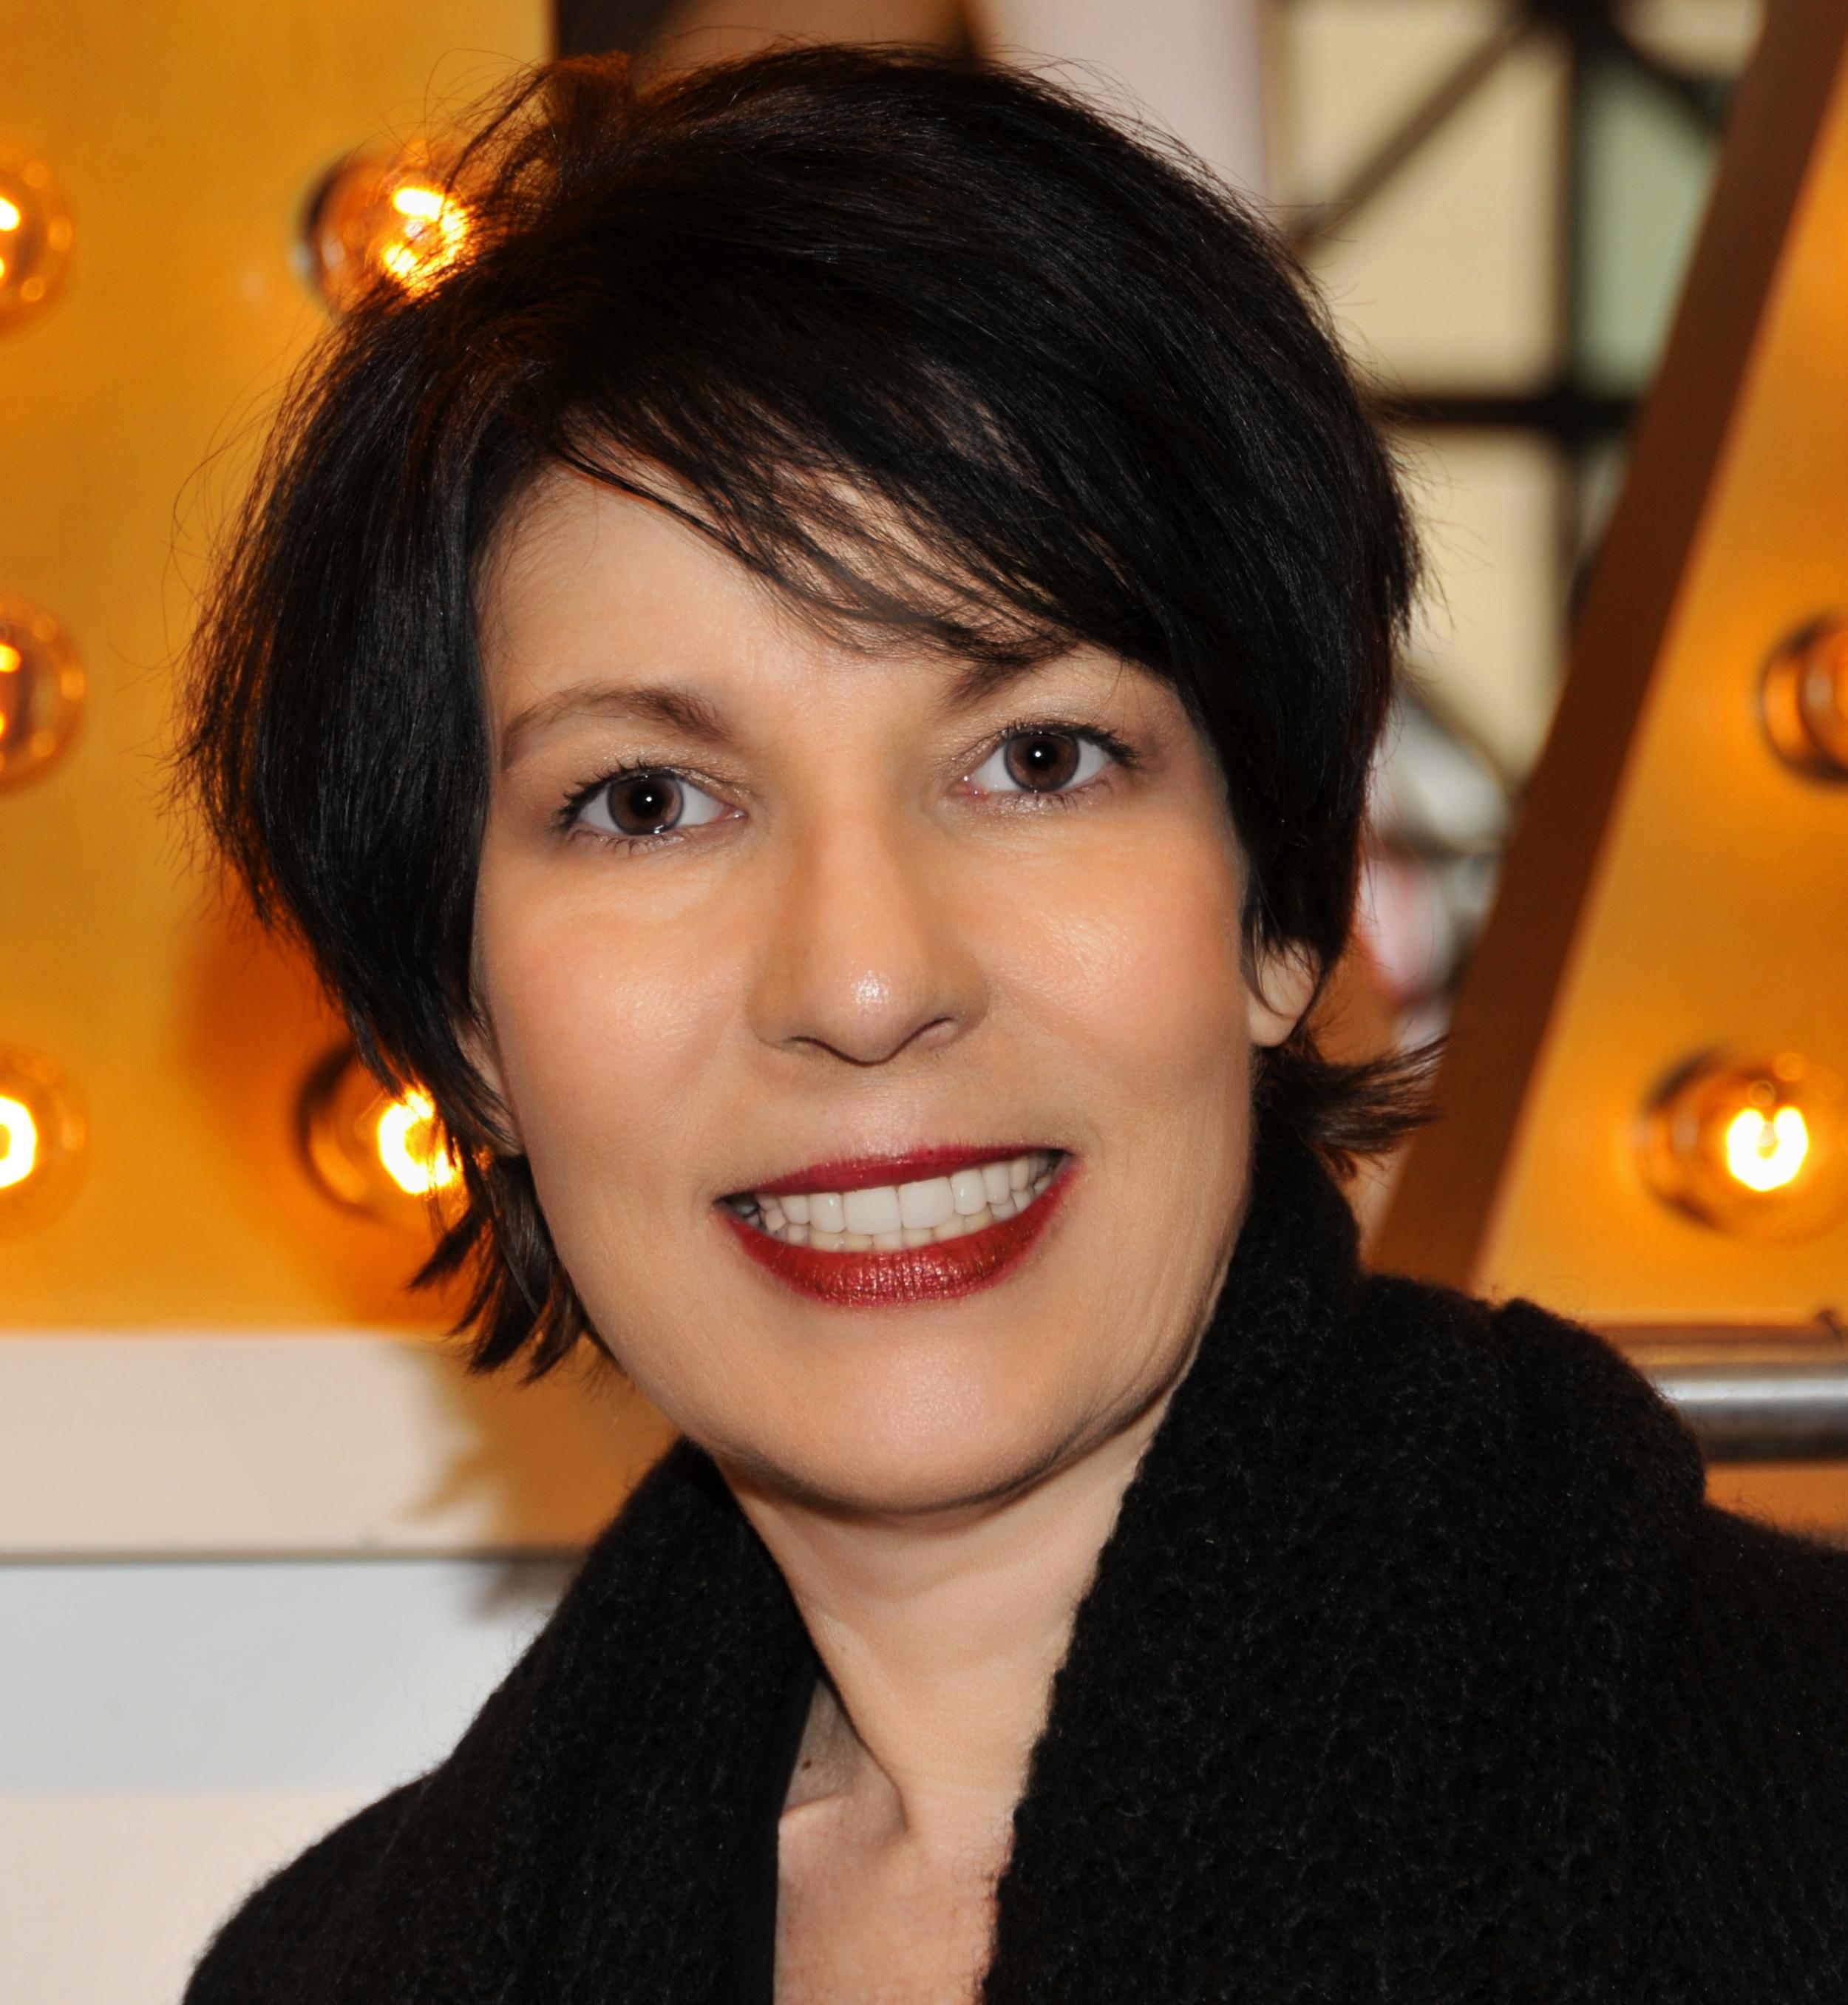 Lauren Freedman